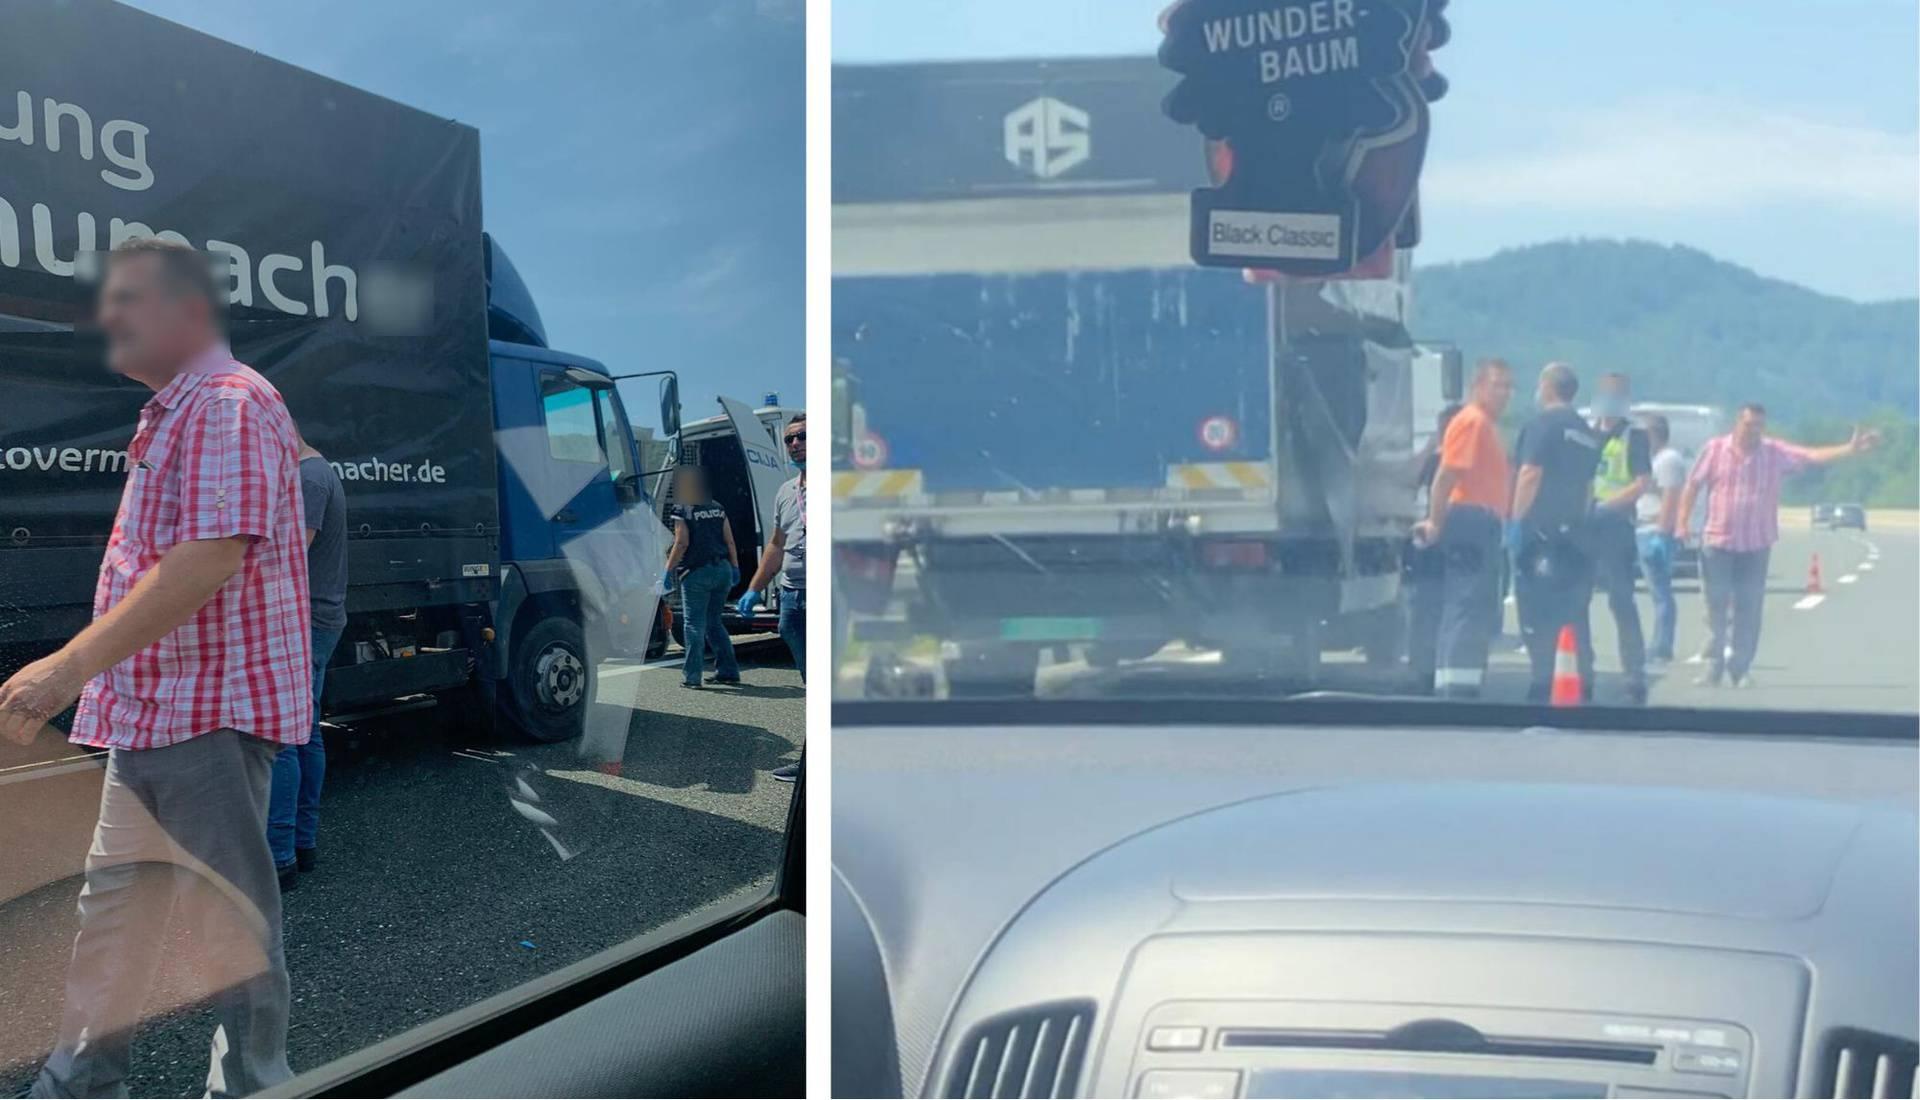 Migrante pronašli u kamionu, policija traga za vozačem